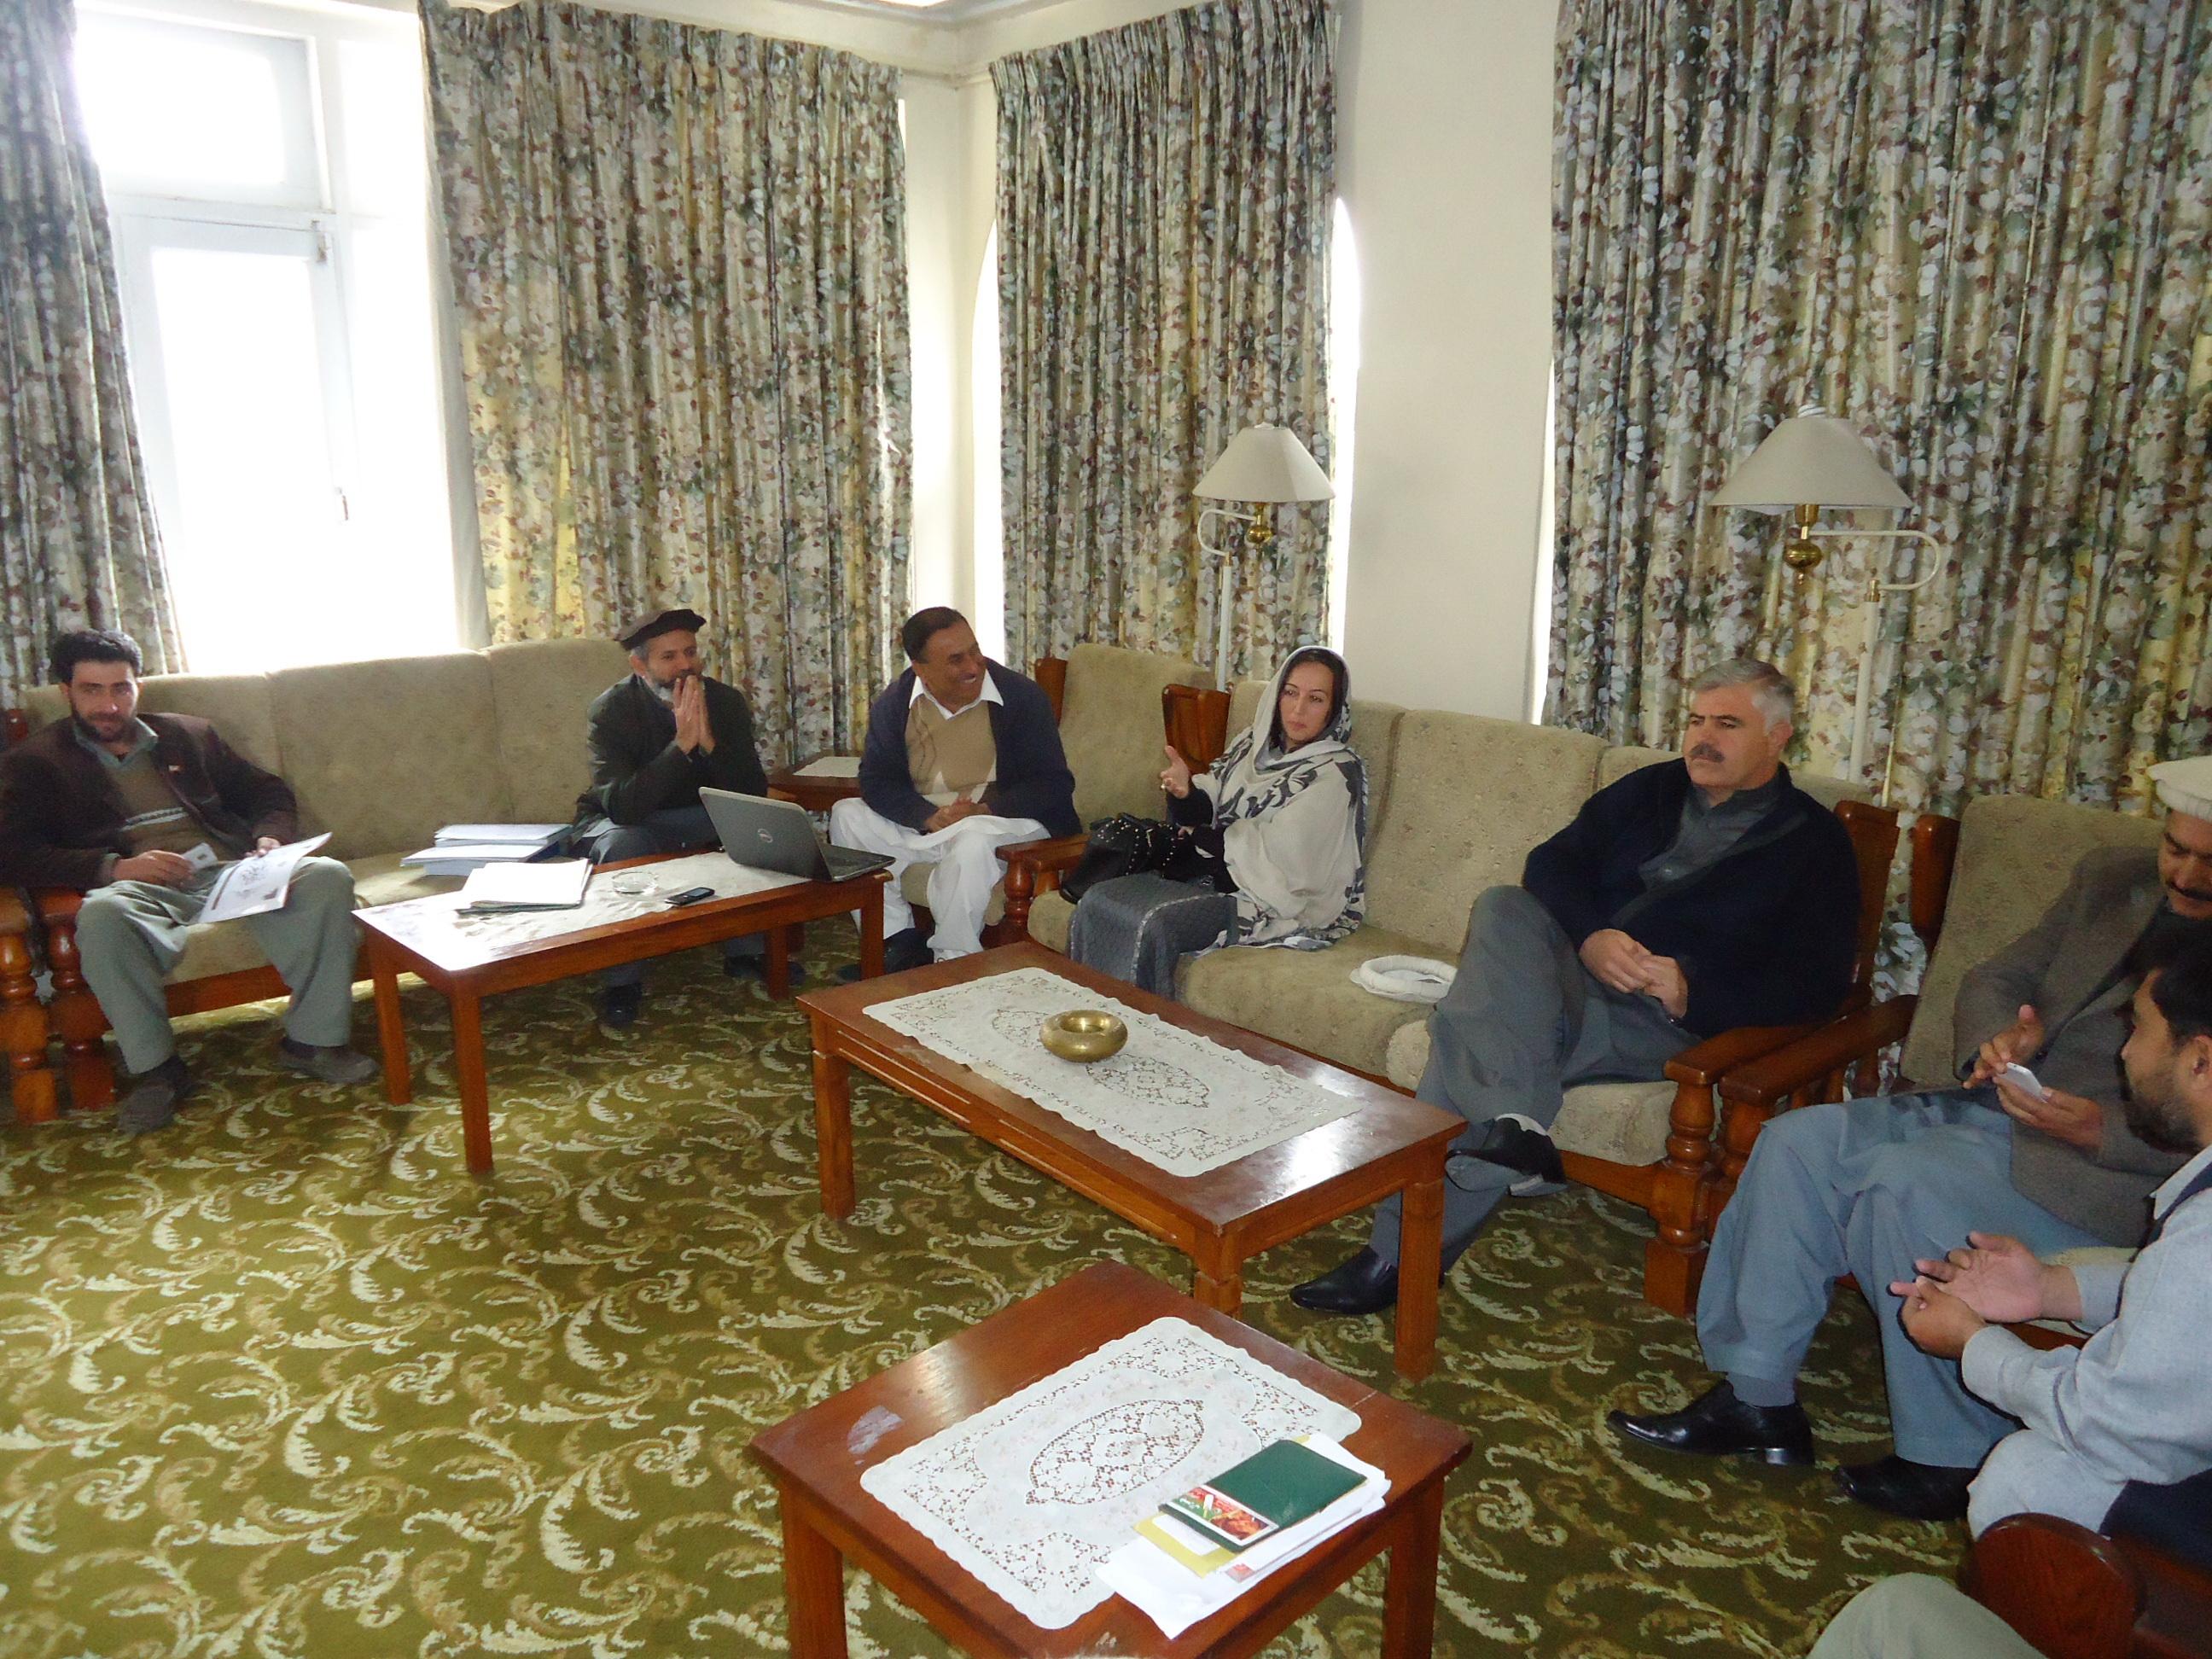 چترال، صوبائی وزیر برائے آبپاشی محمود خان کا دورہ چترال،متعلقہ افسران اوراہلکاروں سے ملاقات